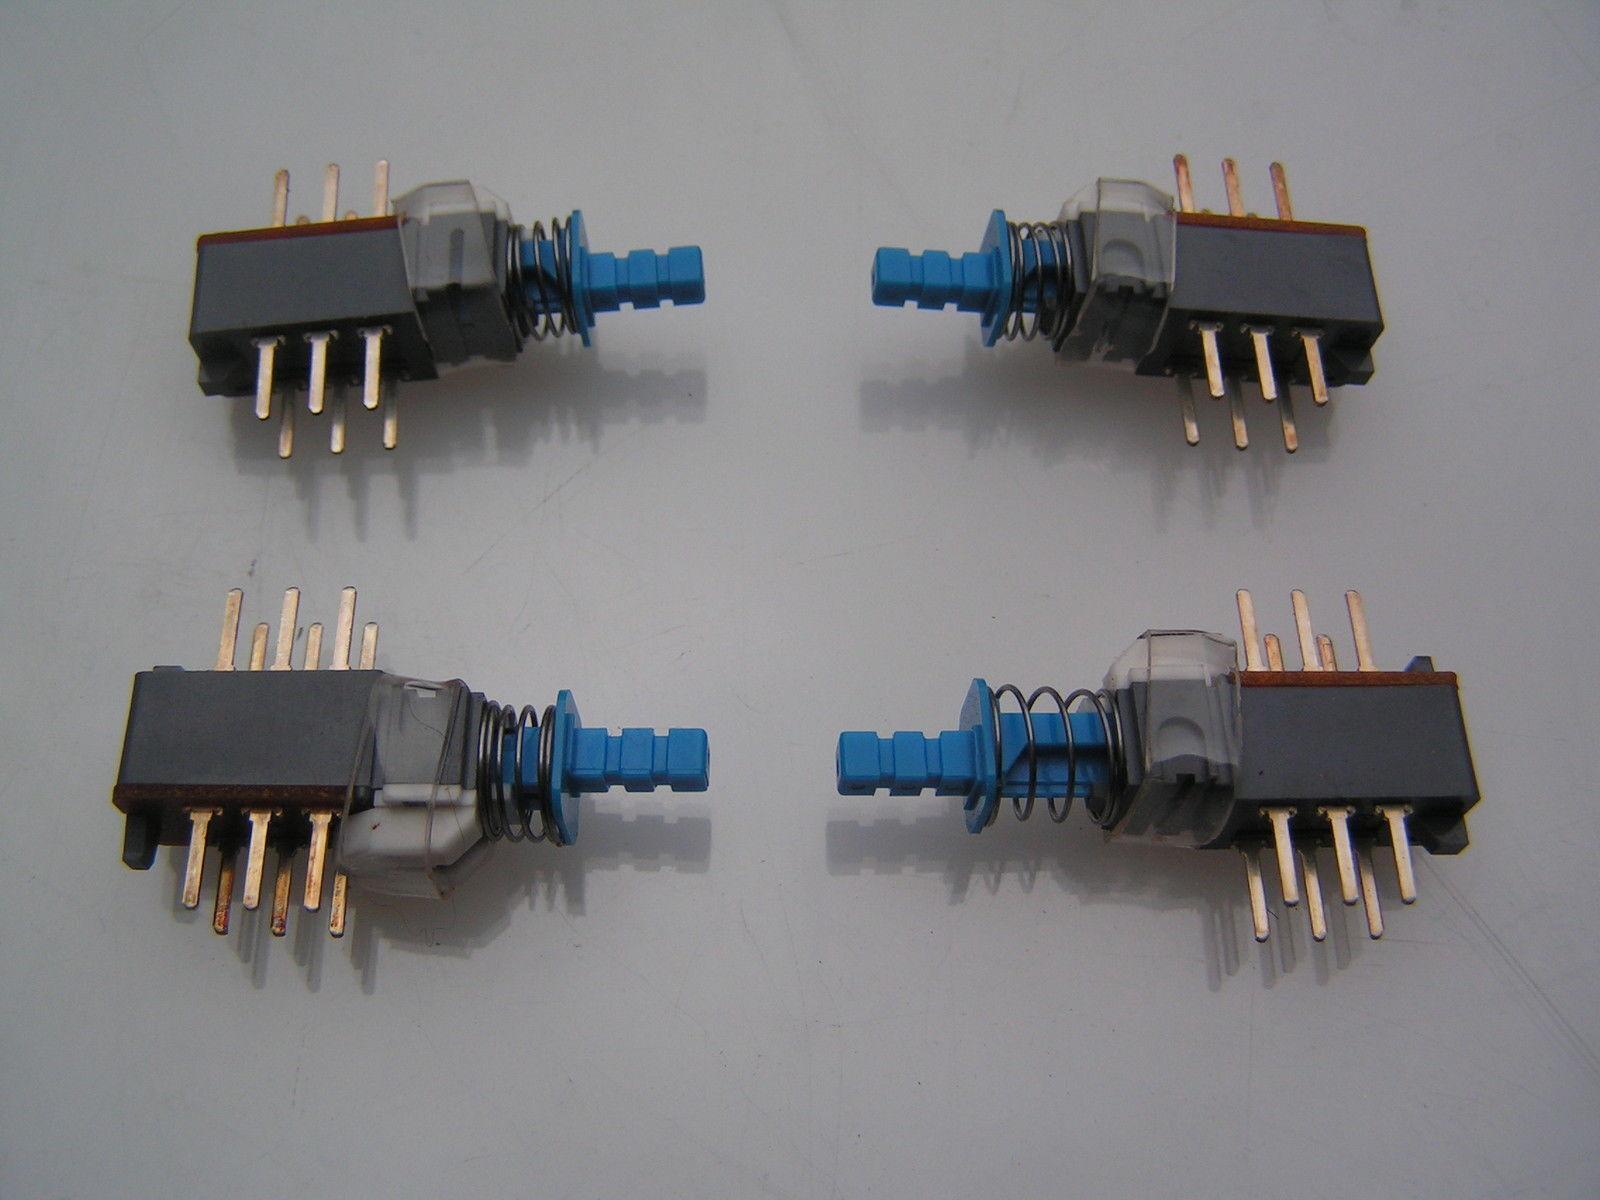 Alps ASUE98015 Rast Druckschalter und Kappe Dpdt 4 Teile OM0534